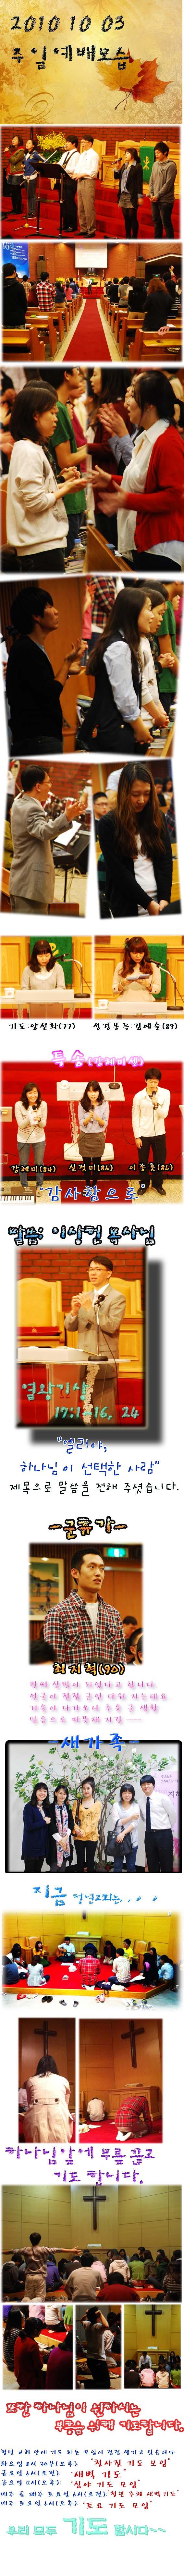 20101003(최종)_copy